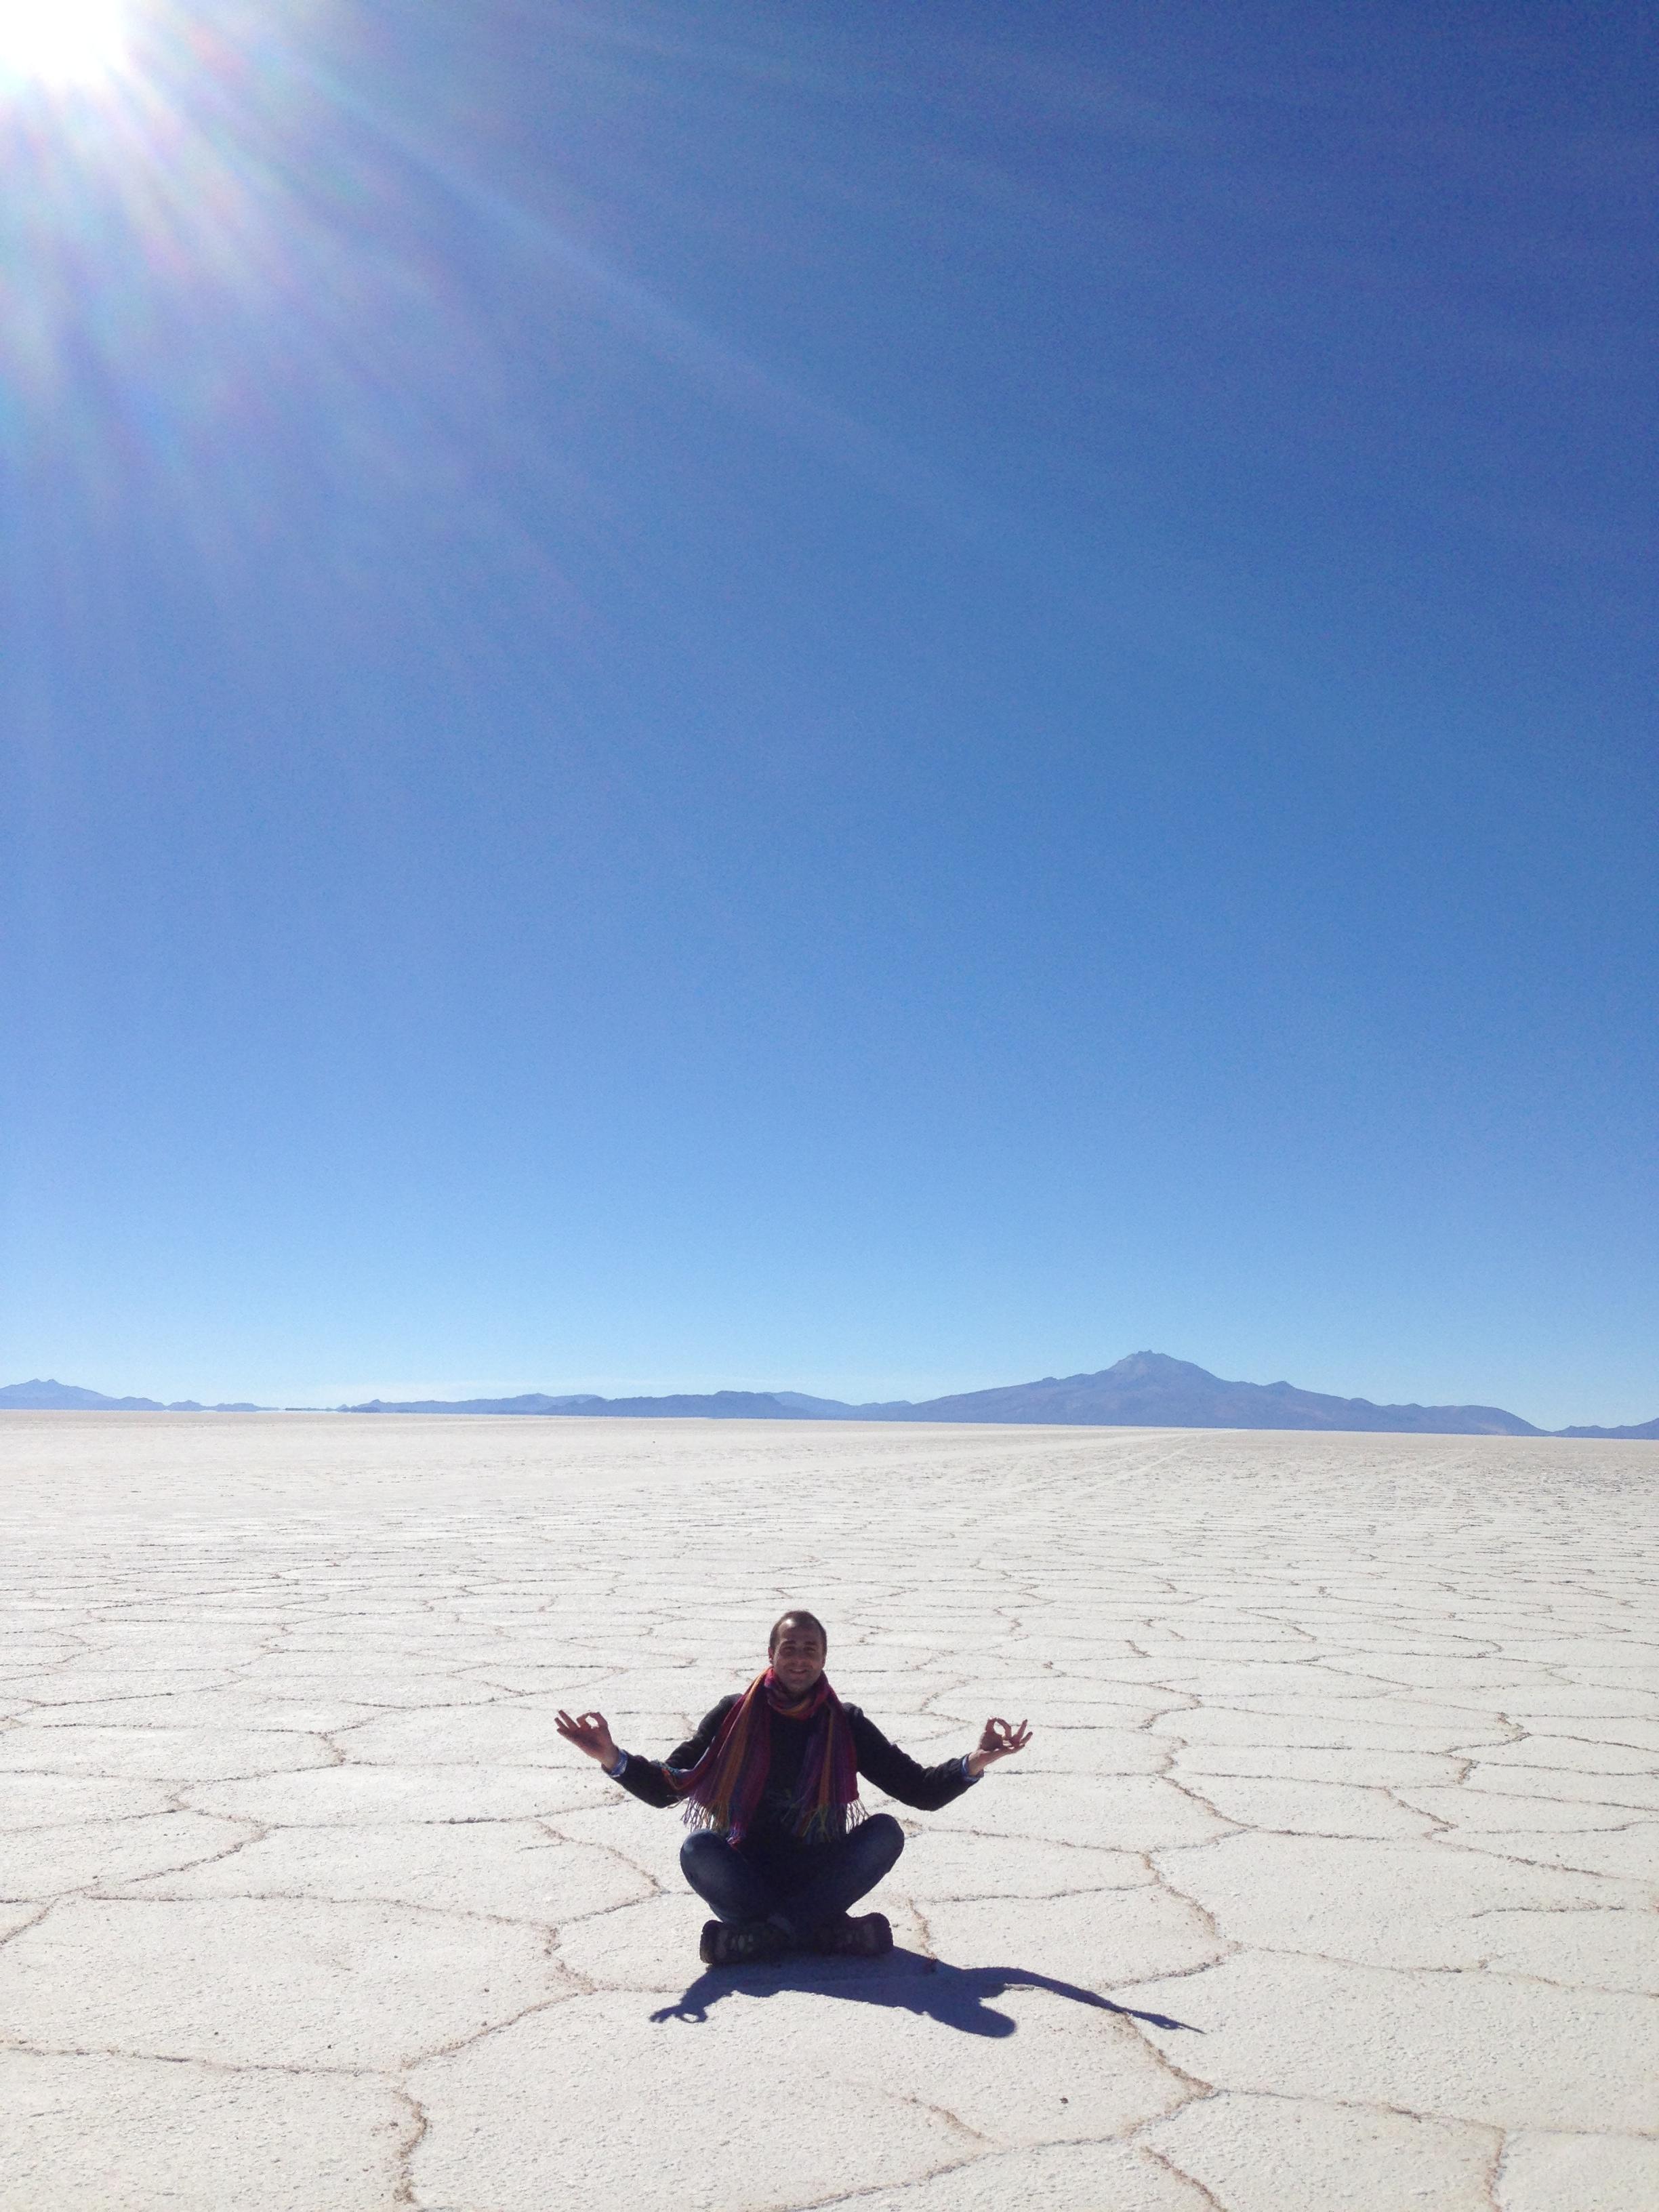 El suelo tiene formas hexagonales por la infiltración del agua a través de la sal